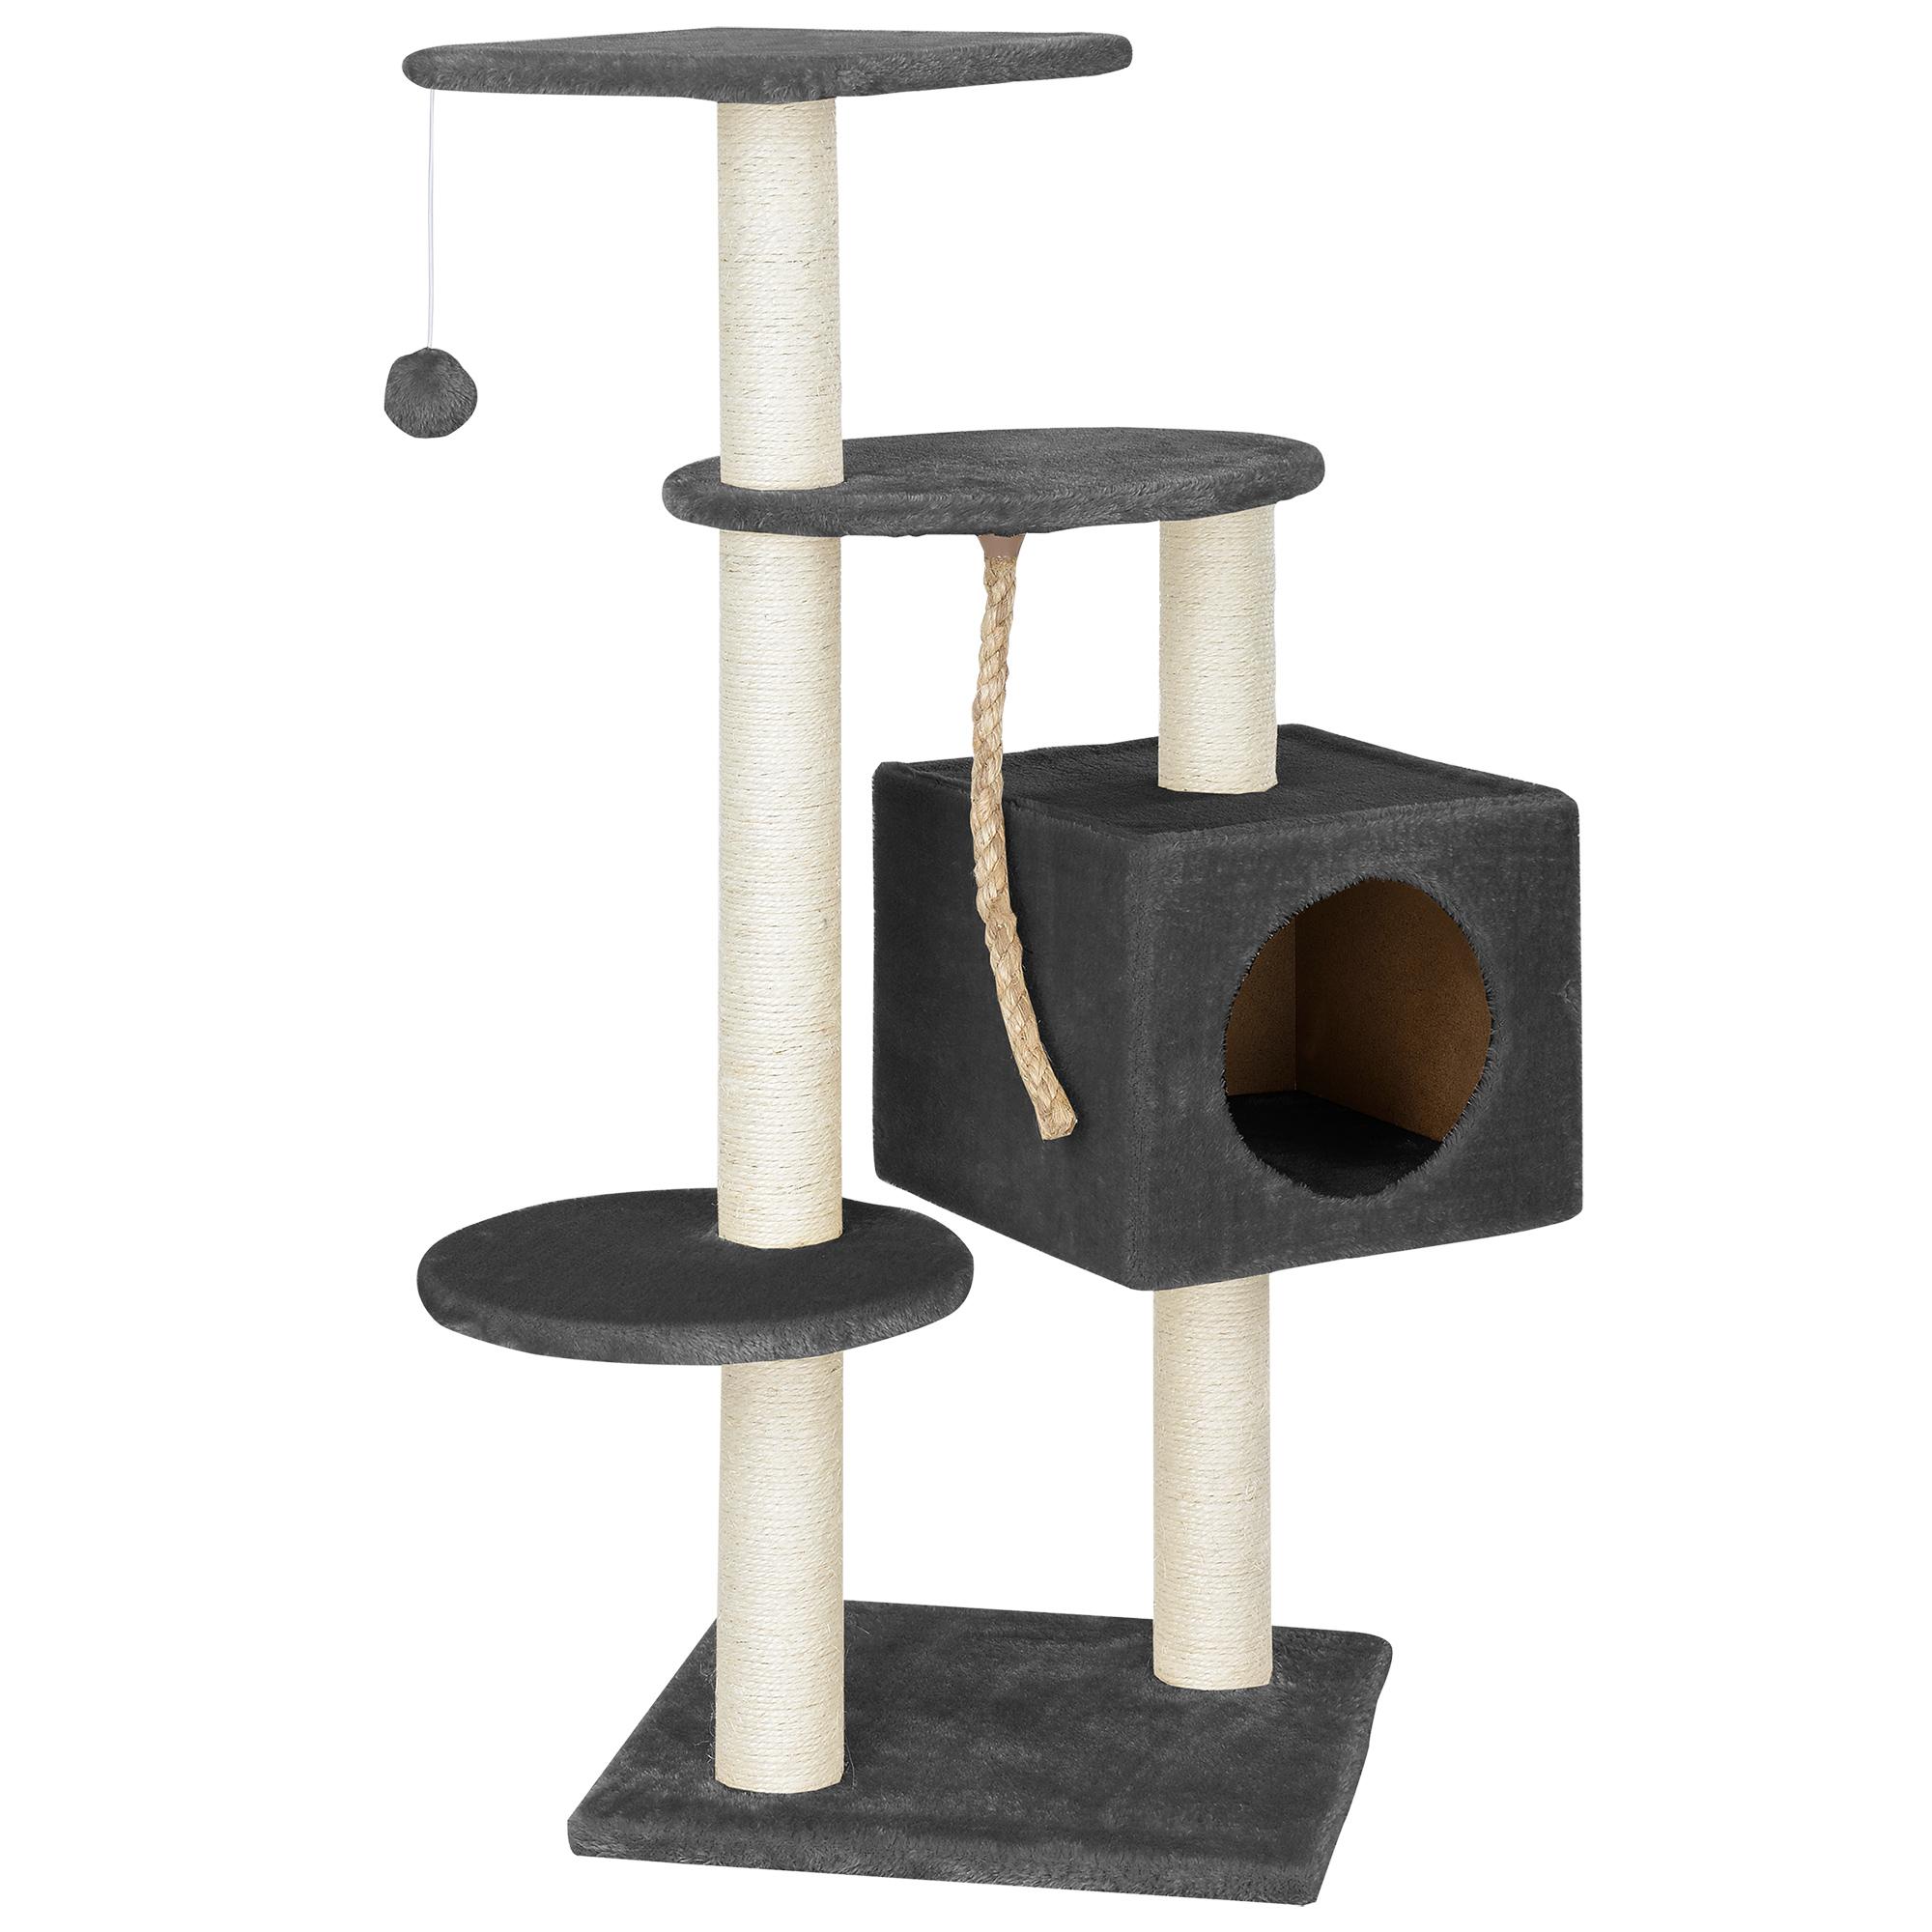 deckenhoch deckenhoher echtholz katzen kratzbaum deckenhoch stabil neu mit maangaben with. Black Bedroom Furniture Sets. Home Design Ideas